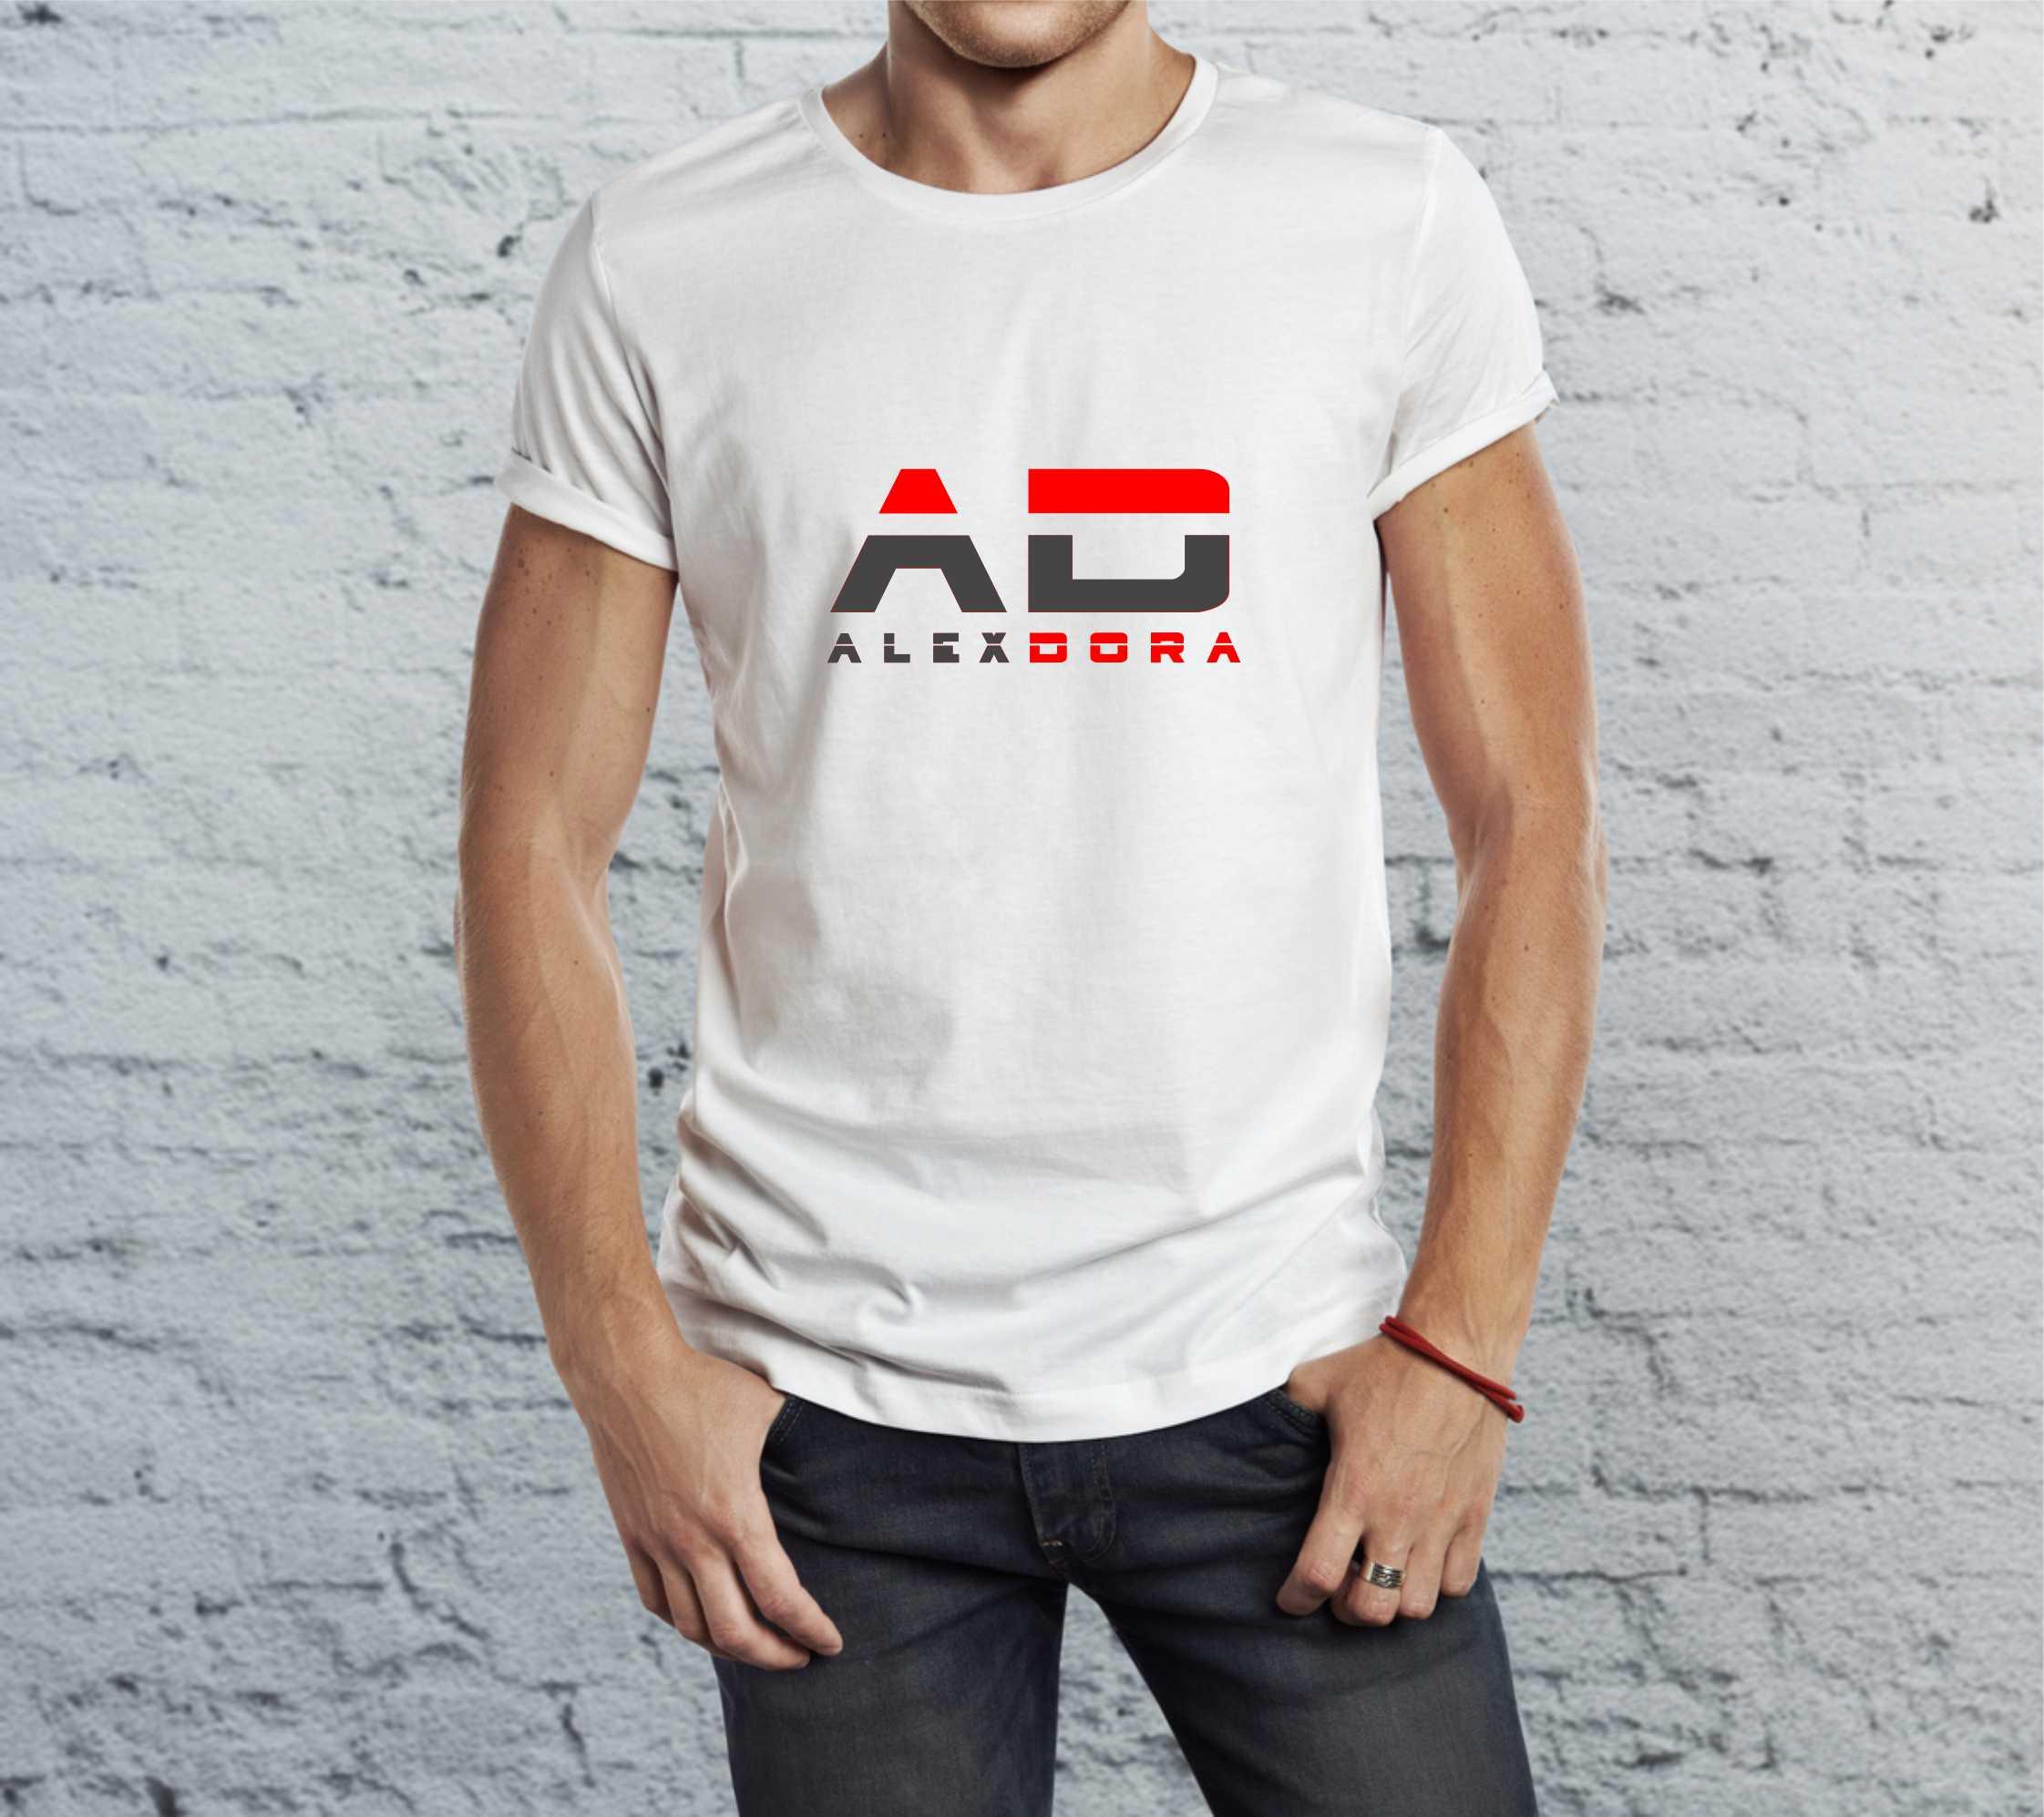 Необходим дизайнер для доработки логотипа бренда одежды фото f_2185b391647ada64.jpg